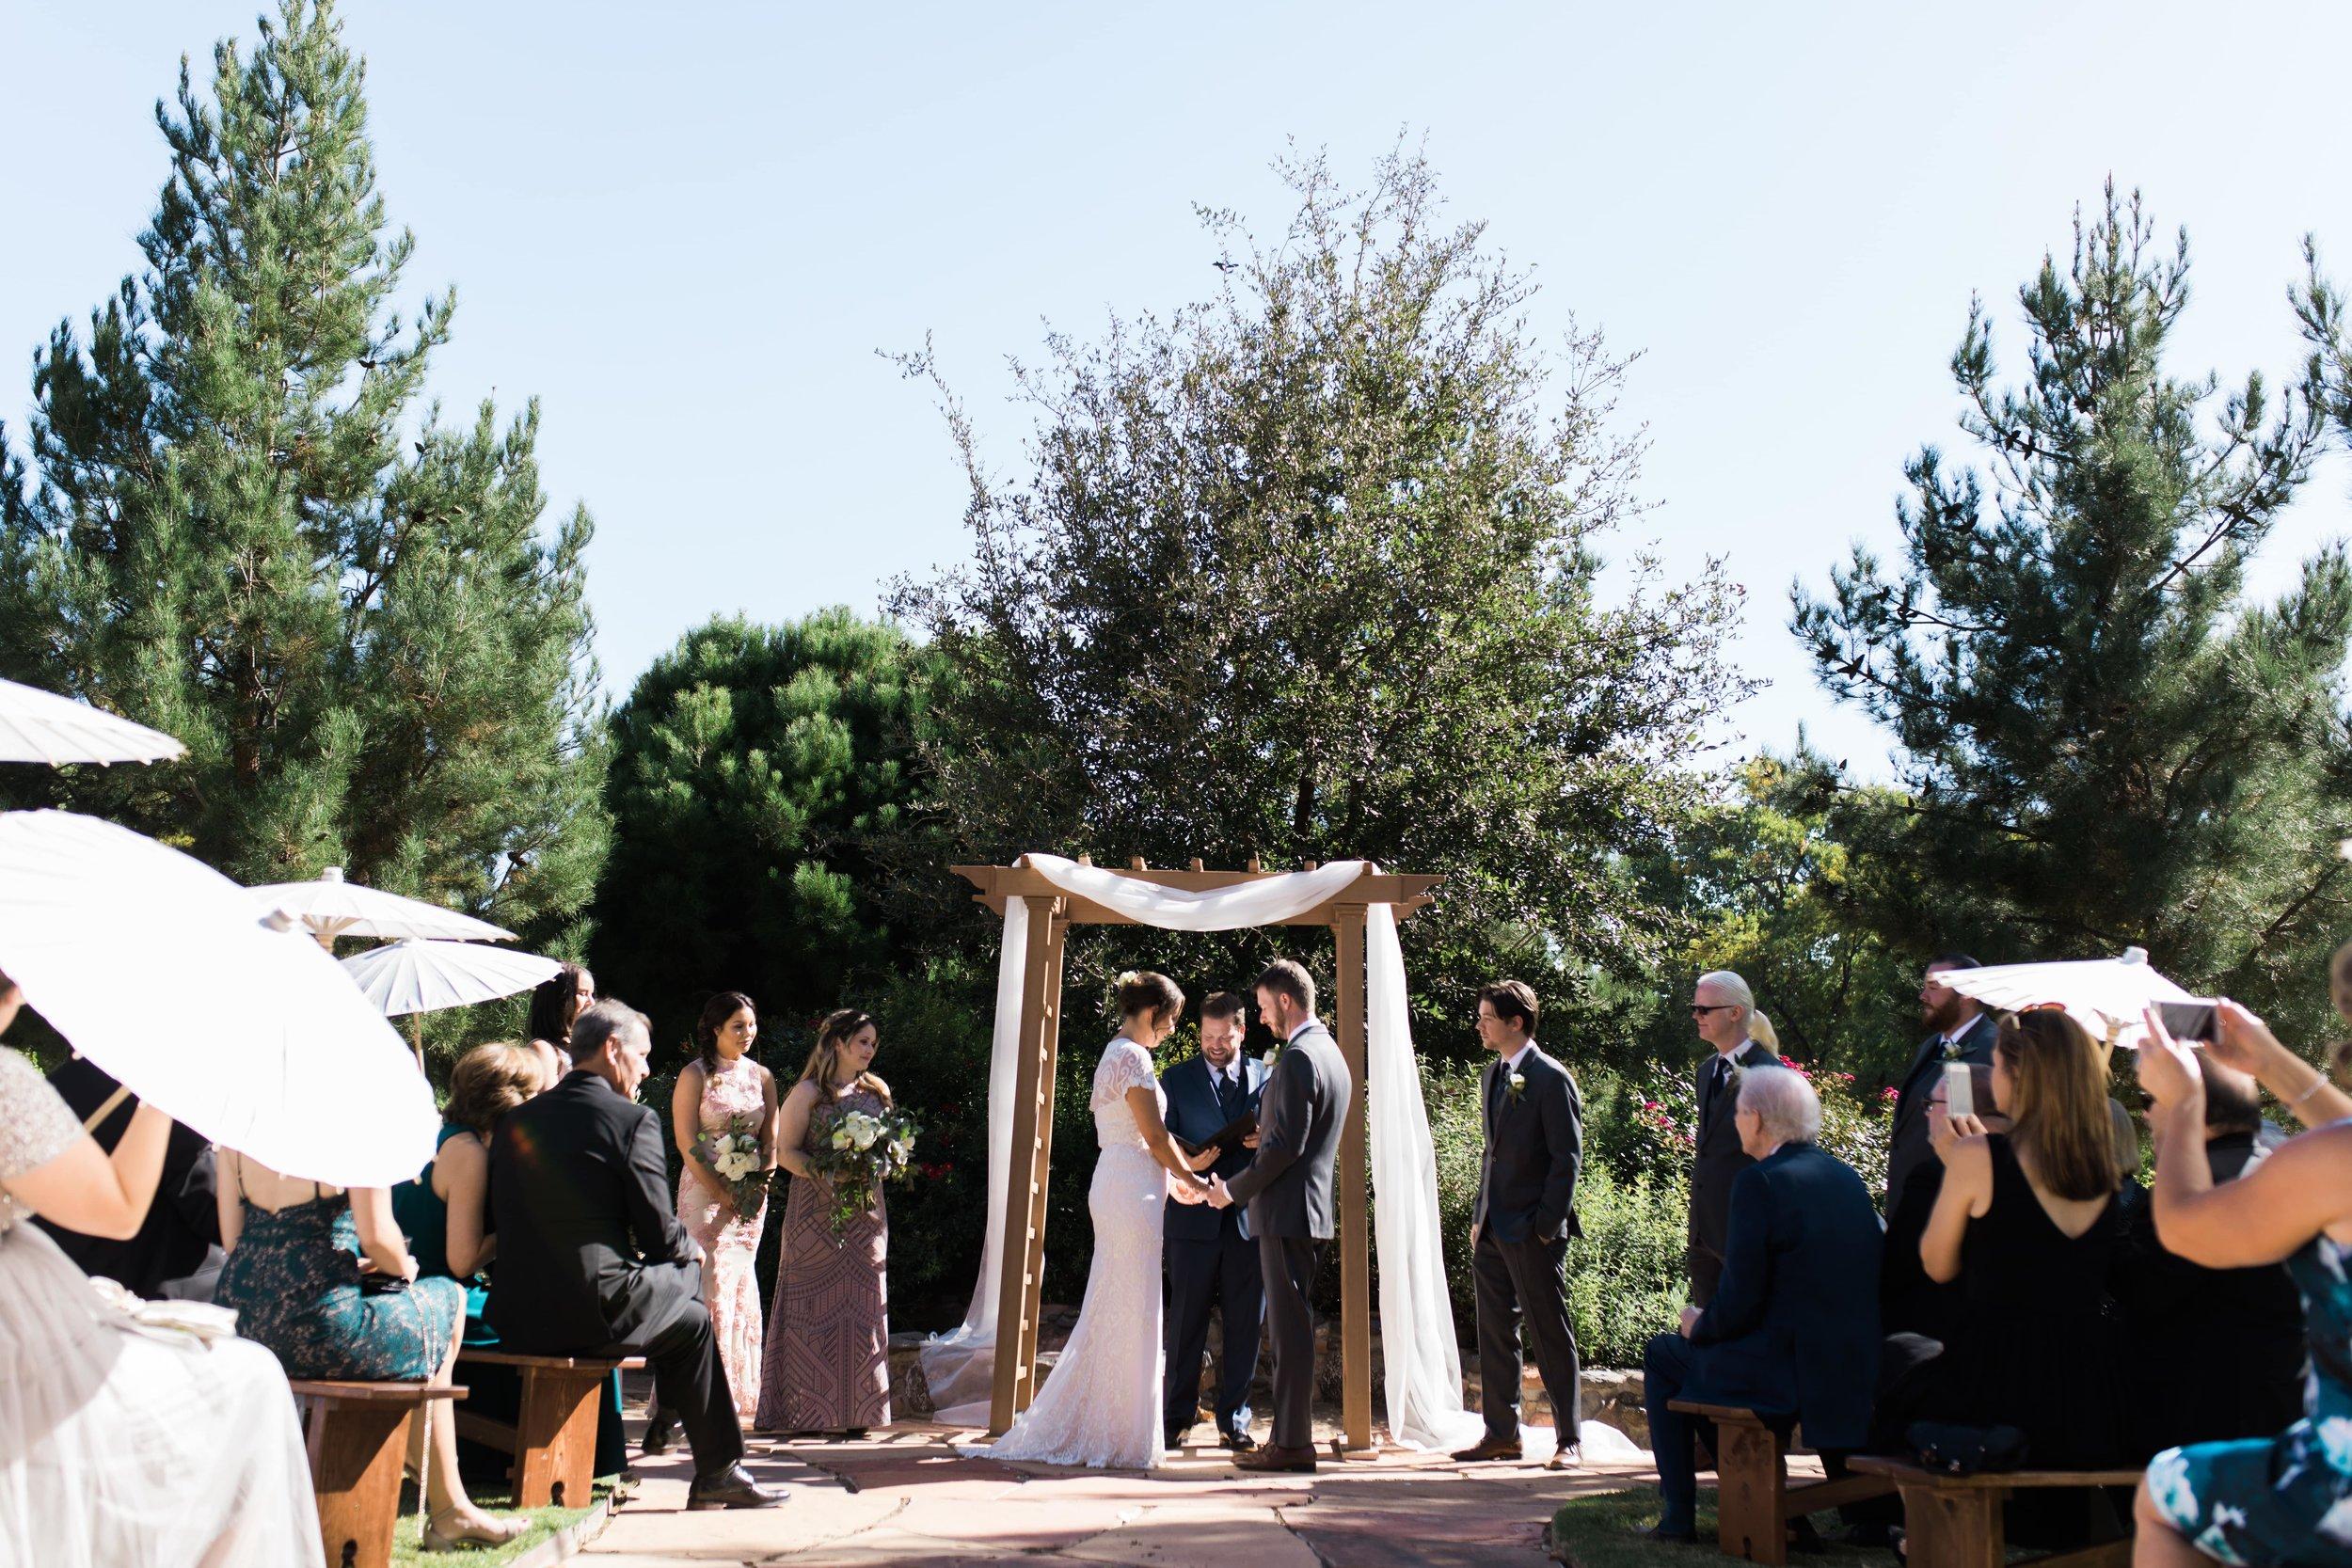 Page Springs Arizona Wedding - Page Springs Wedding Photographer - Wedding Ceremony Page Springs Winery.jpg